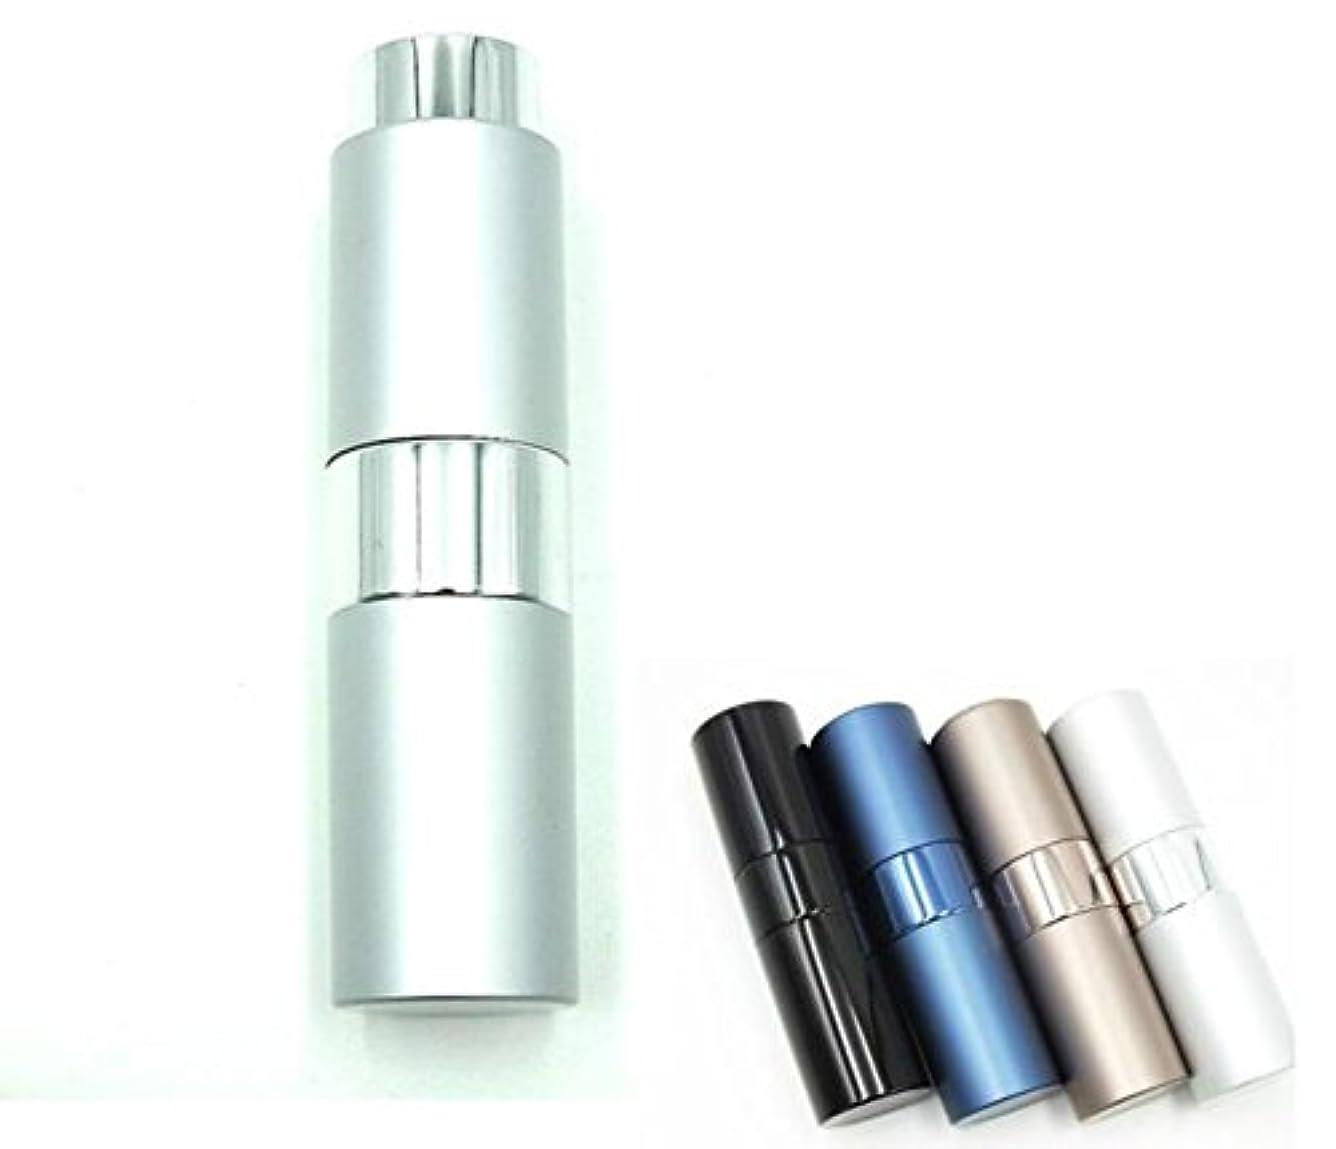 ブーストアグネスグレイ同化するShopXJ 香水 メンズ アトマイザー 大人 男性 プッシュ式 詰め替え 持ち運び 身だしなみ 携帯用 15ml (シルバー)